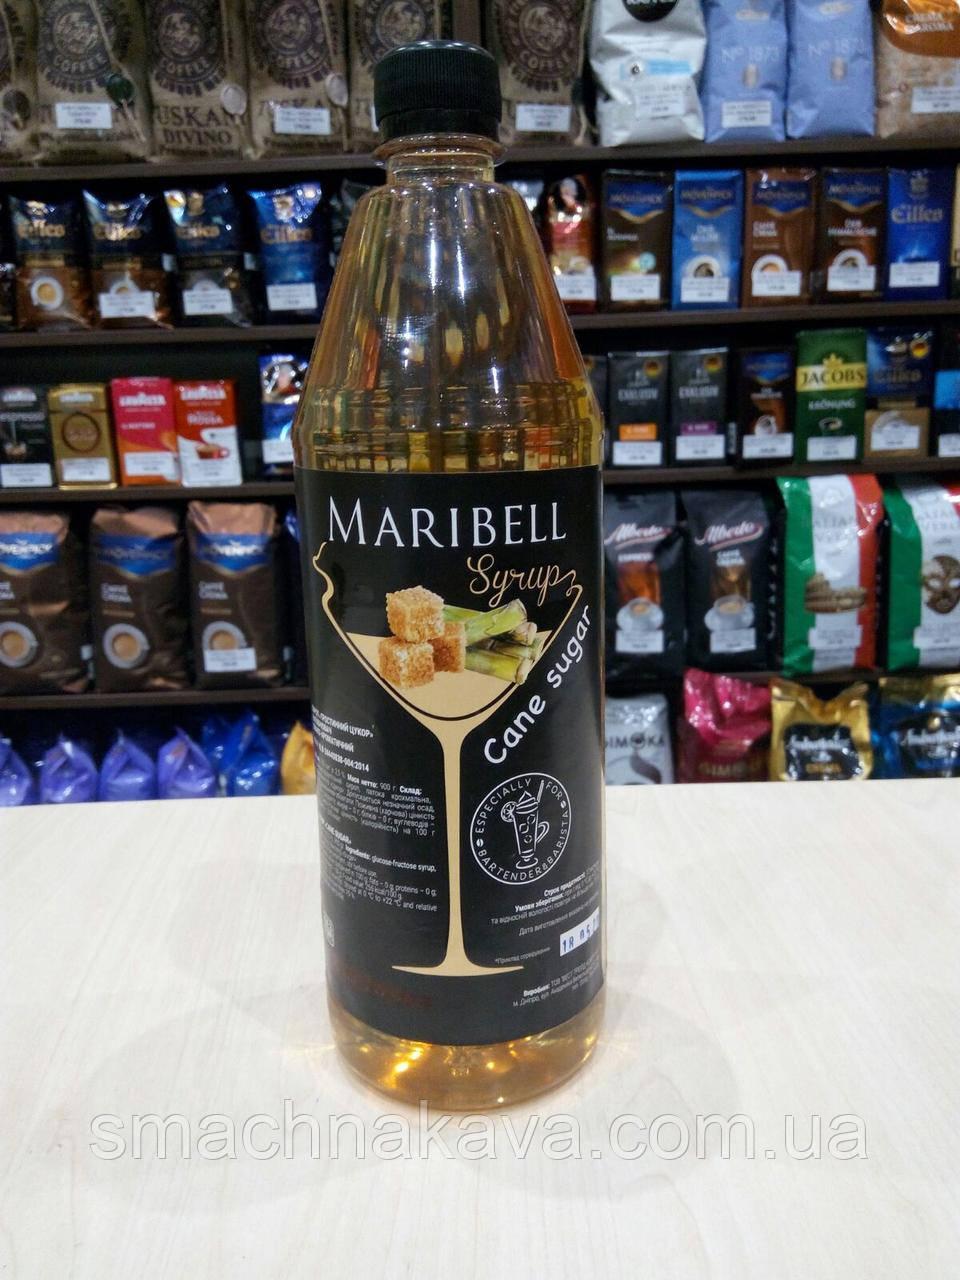 Сироп Тростниковый сахар ТМ Maribell в пластике 1 л